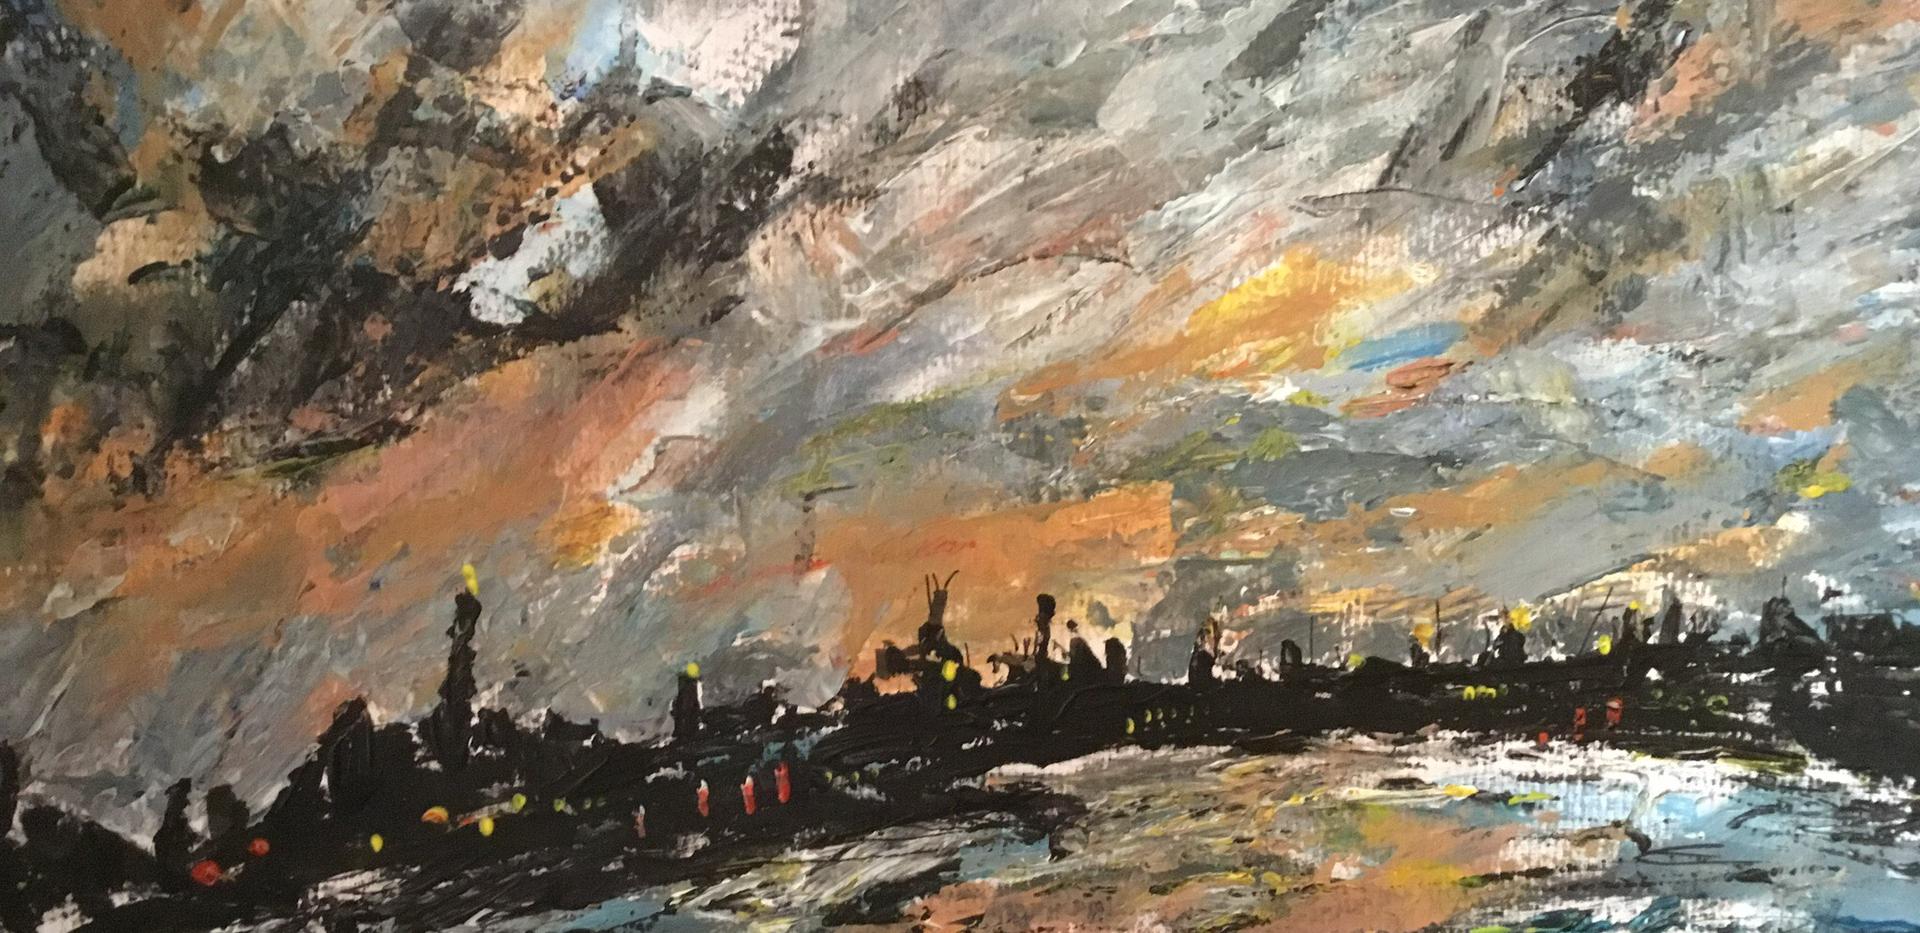 Thames City Docks